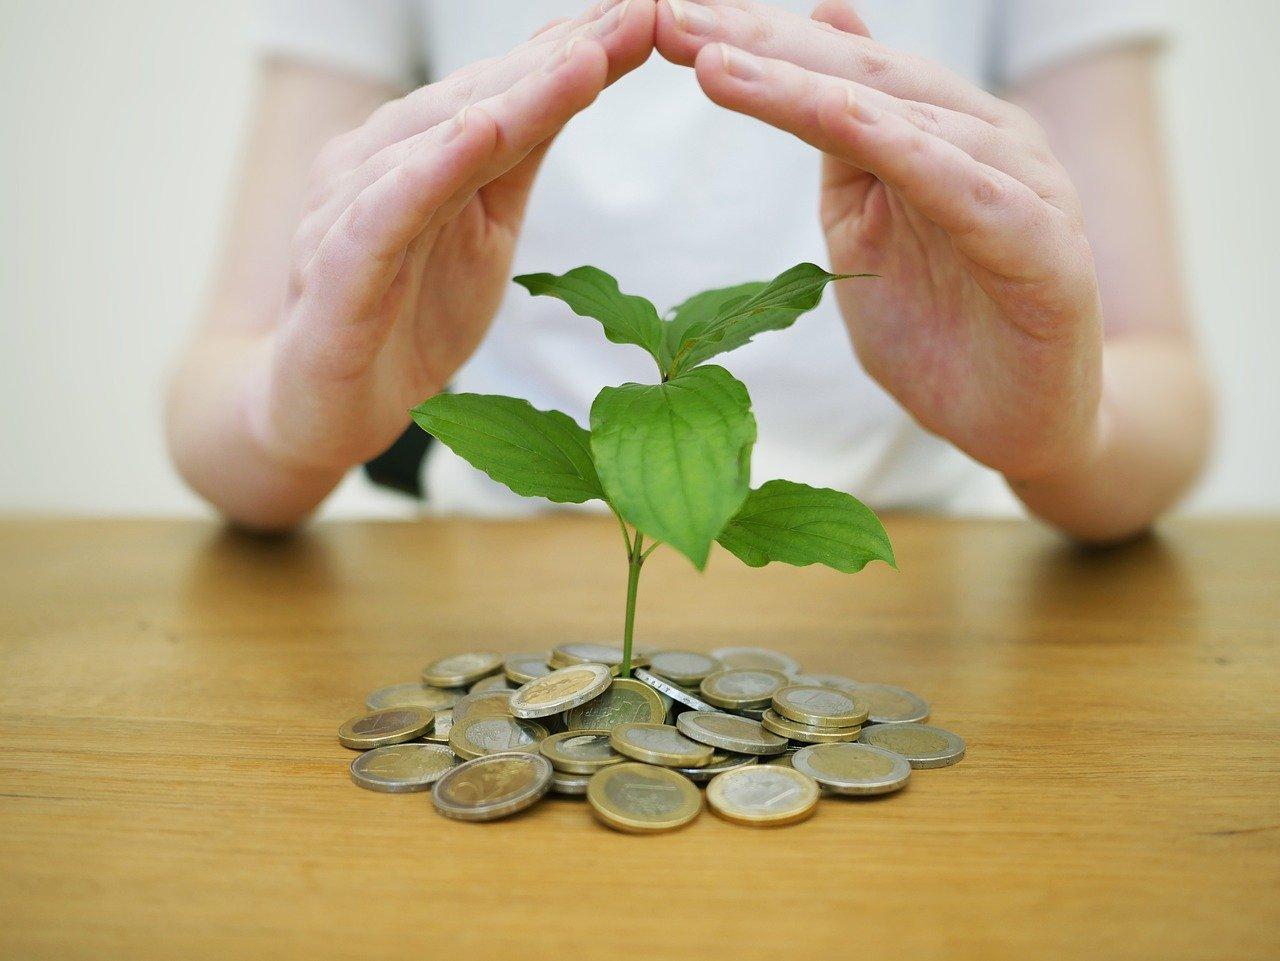 Wie kann ich am besten nachhaltig investieren?